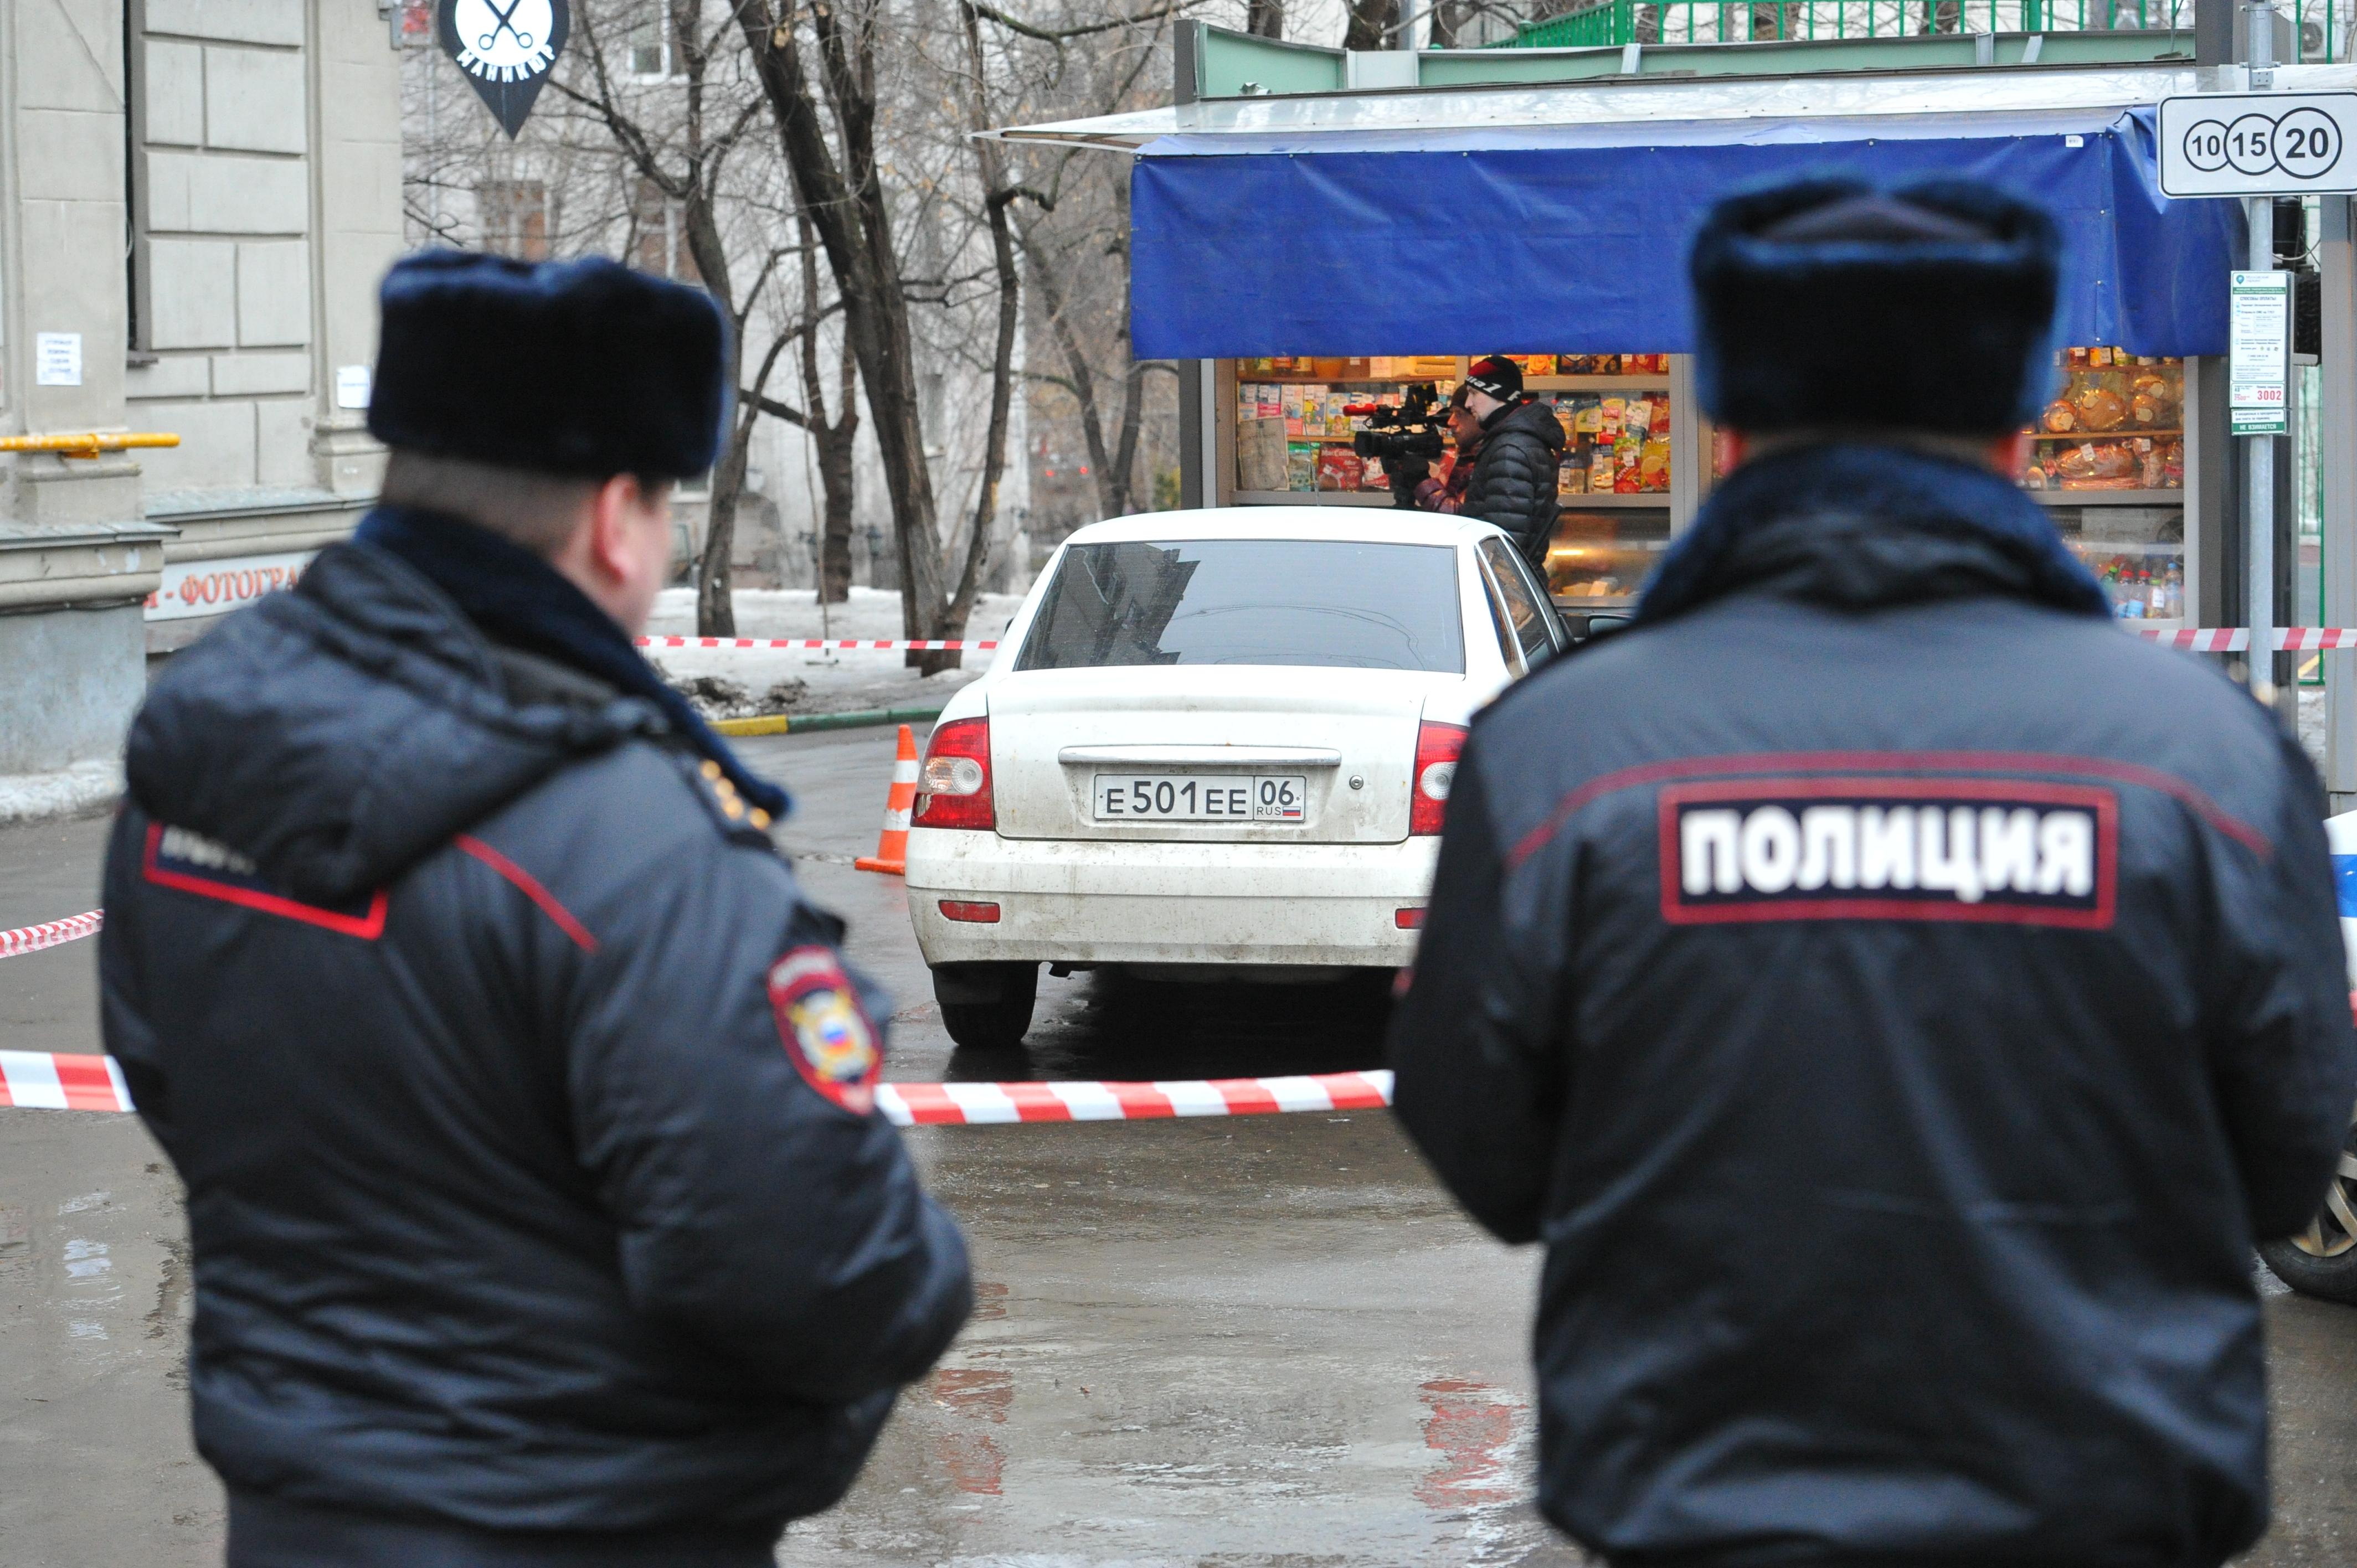 ВПетербурге двое неизвестных избили мужчину иугнали его машину